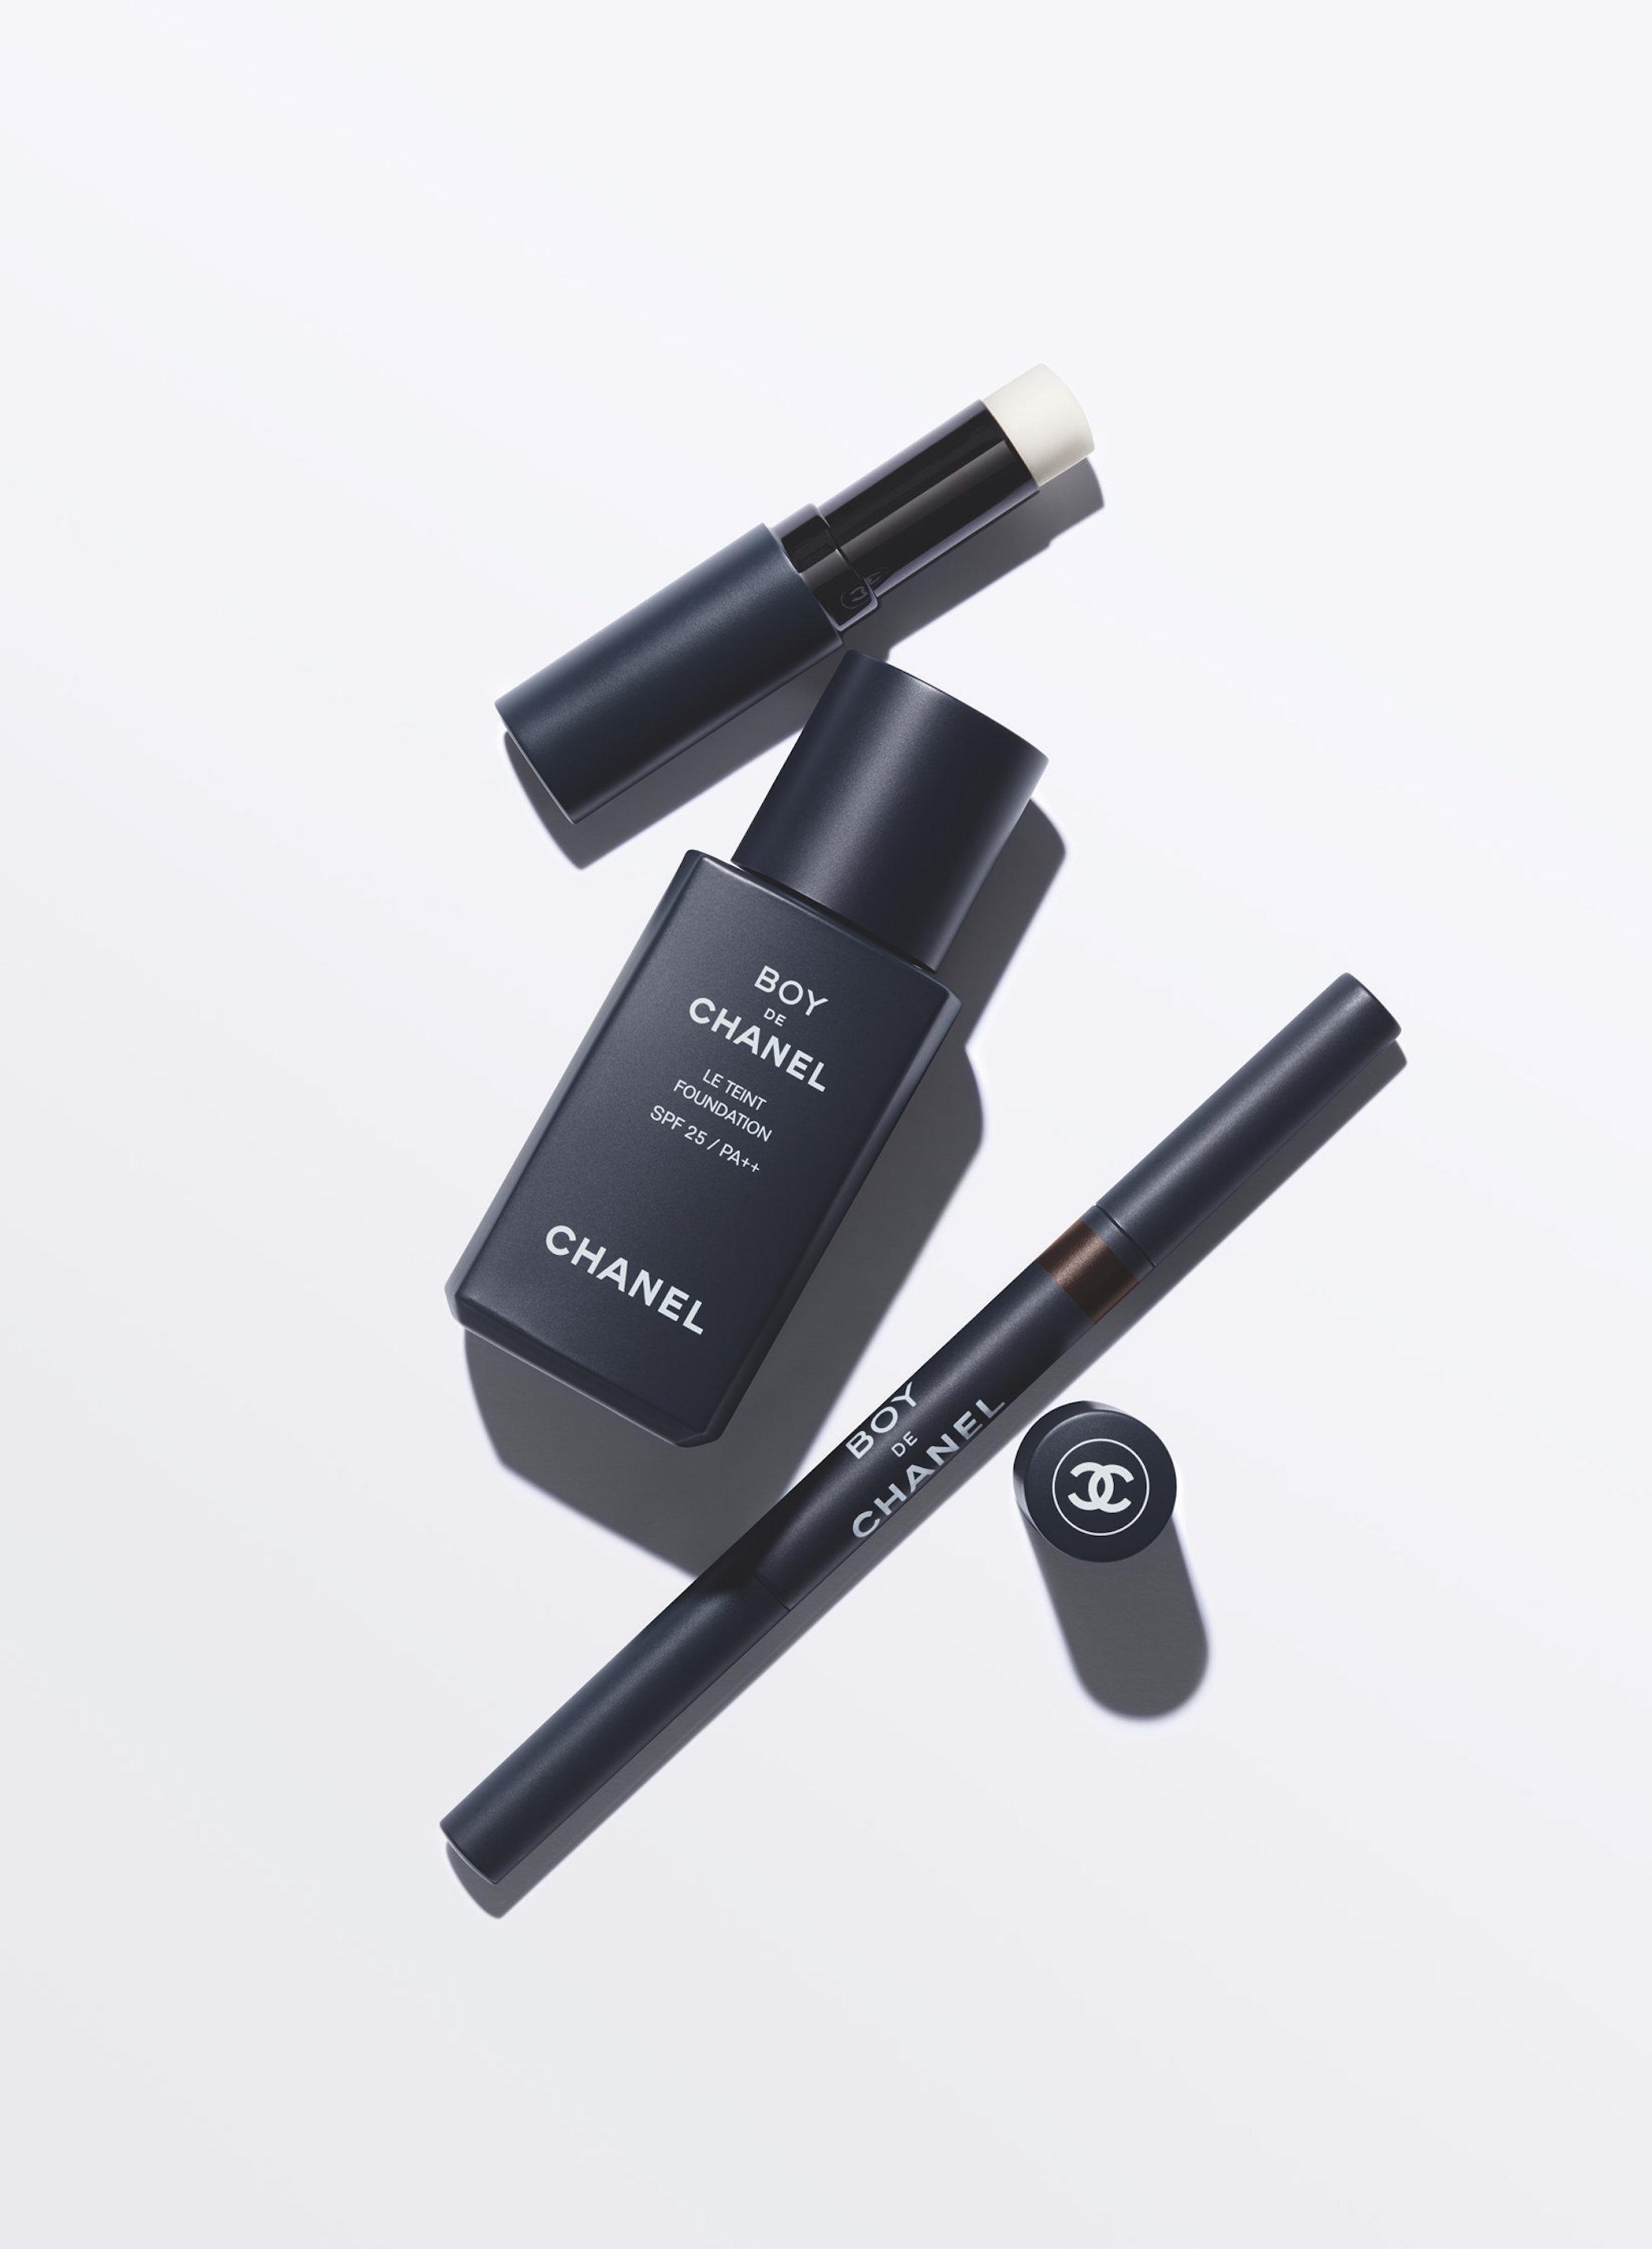 Chanel launches makeup for men Boy De Chanel